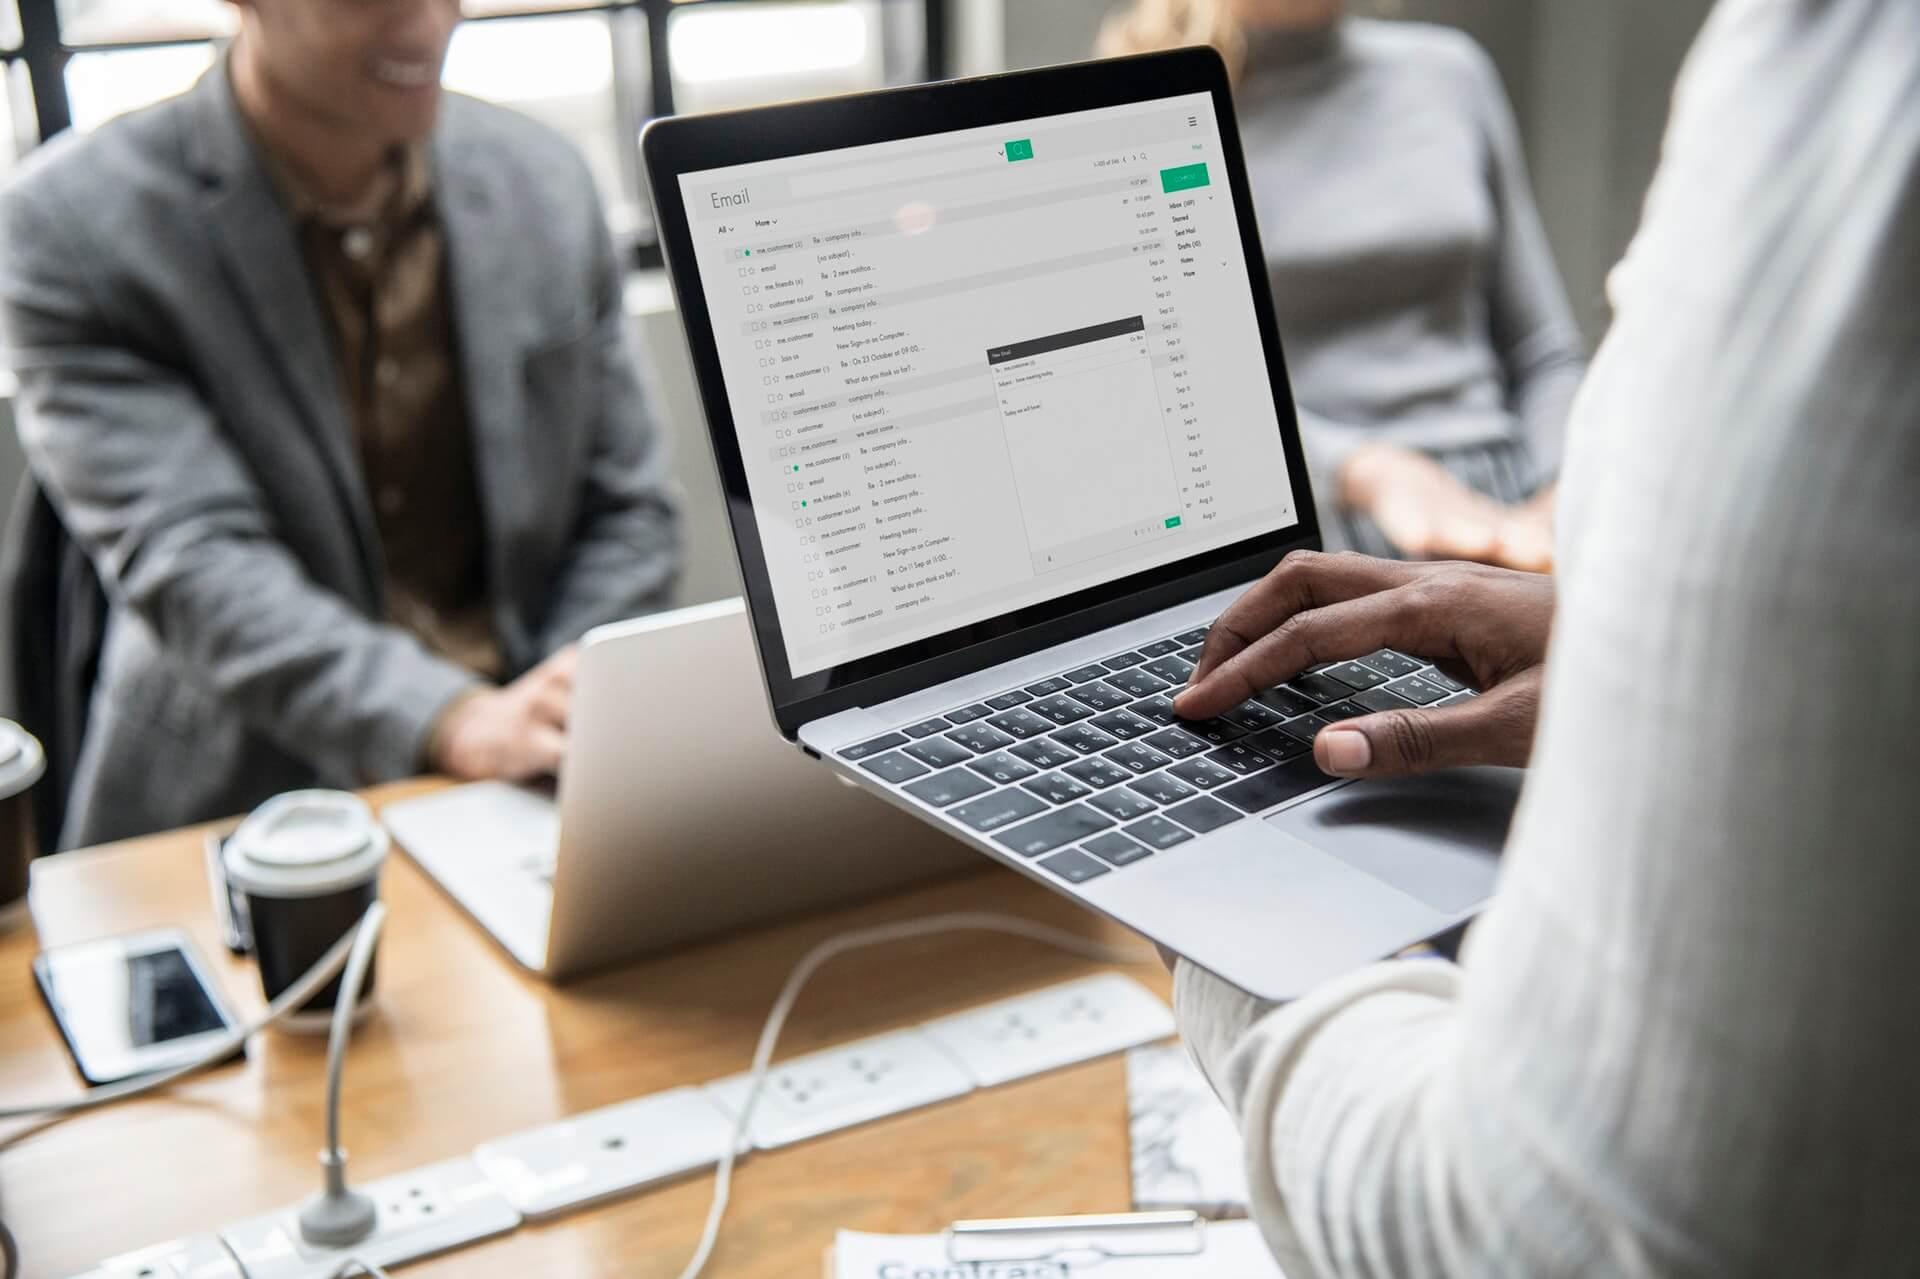 using laptop during meetings